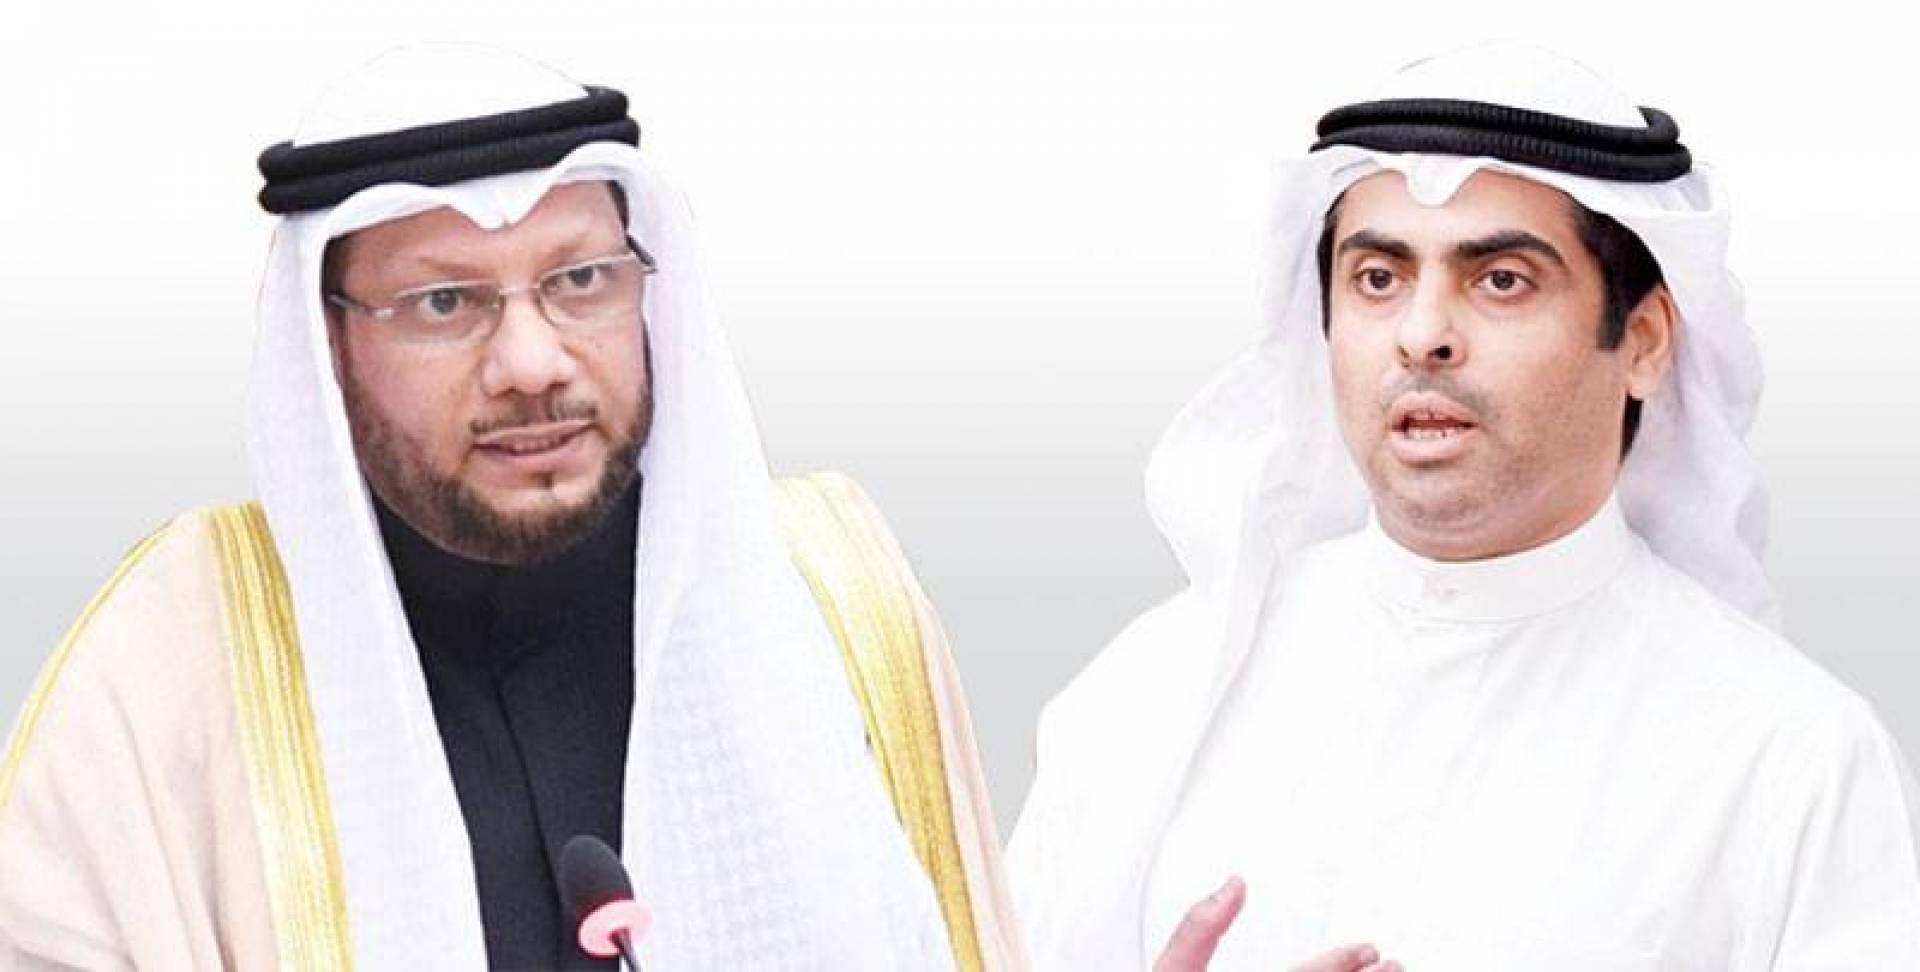 العدساني: على رئيس الحكومة والوزراء تصحيح ما ذكره وزير المالية بتثبيت تصنيف الكويت عند -AA